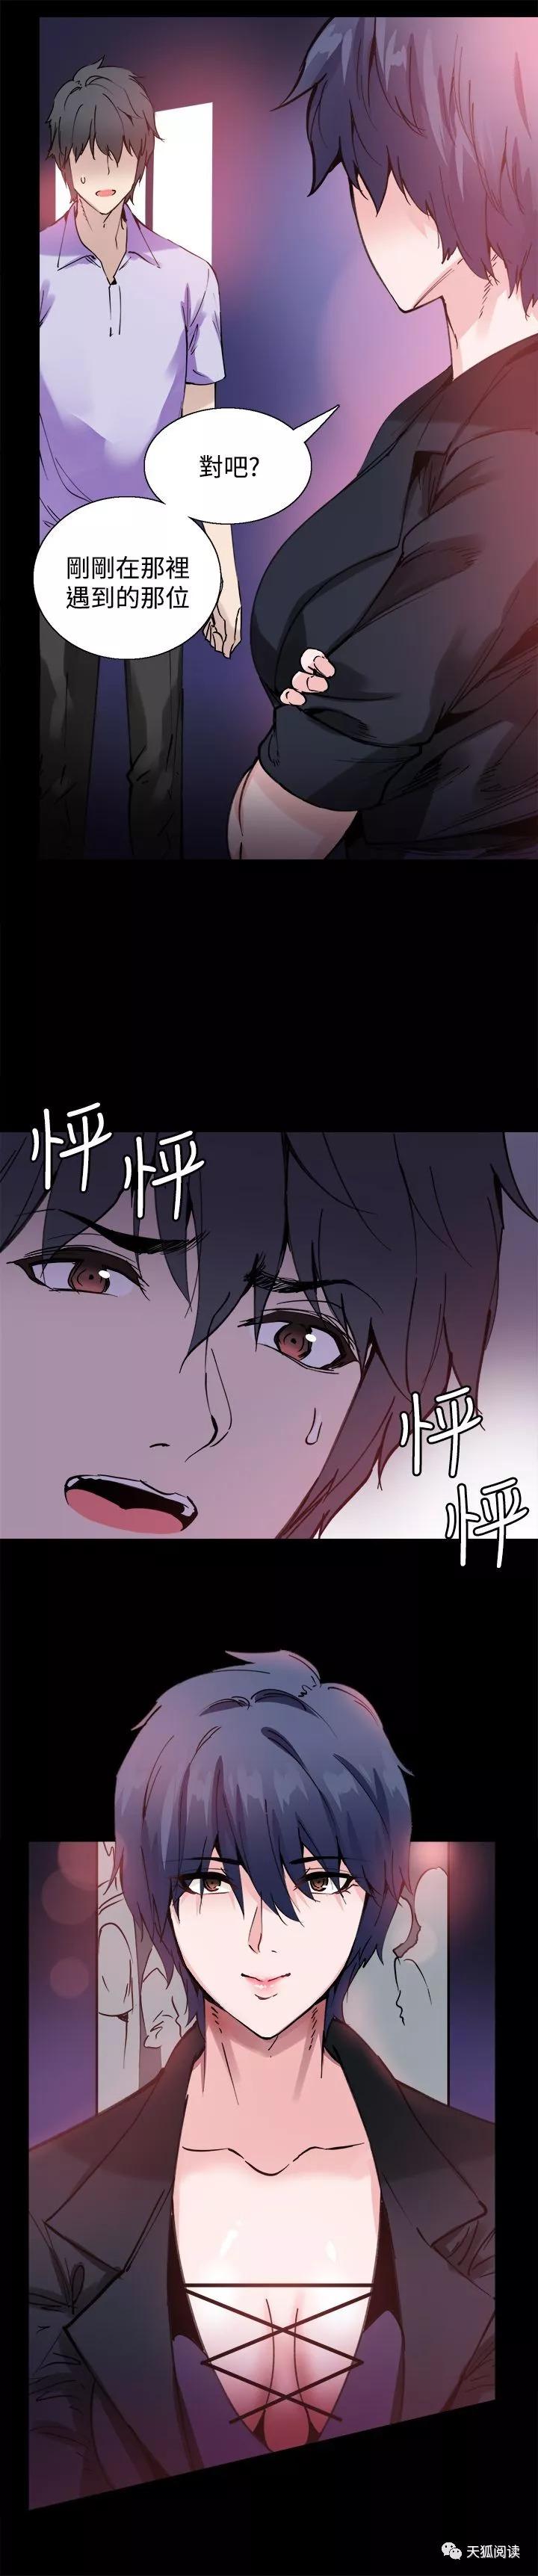 恋爱漫画:整容针 第10-12话 -天狐阅读